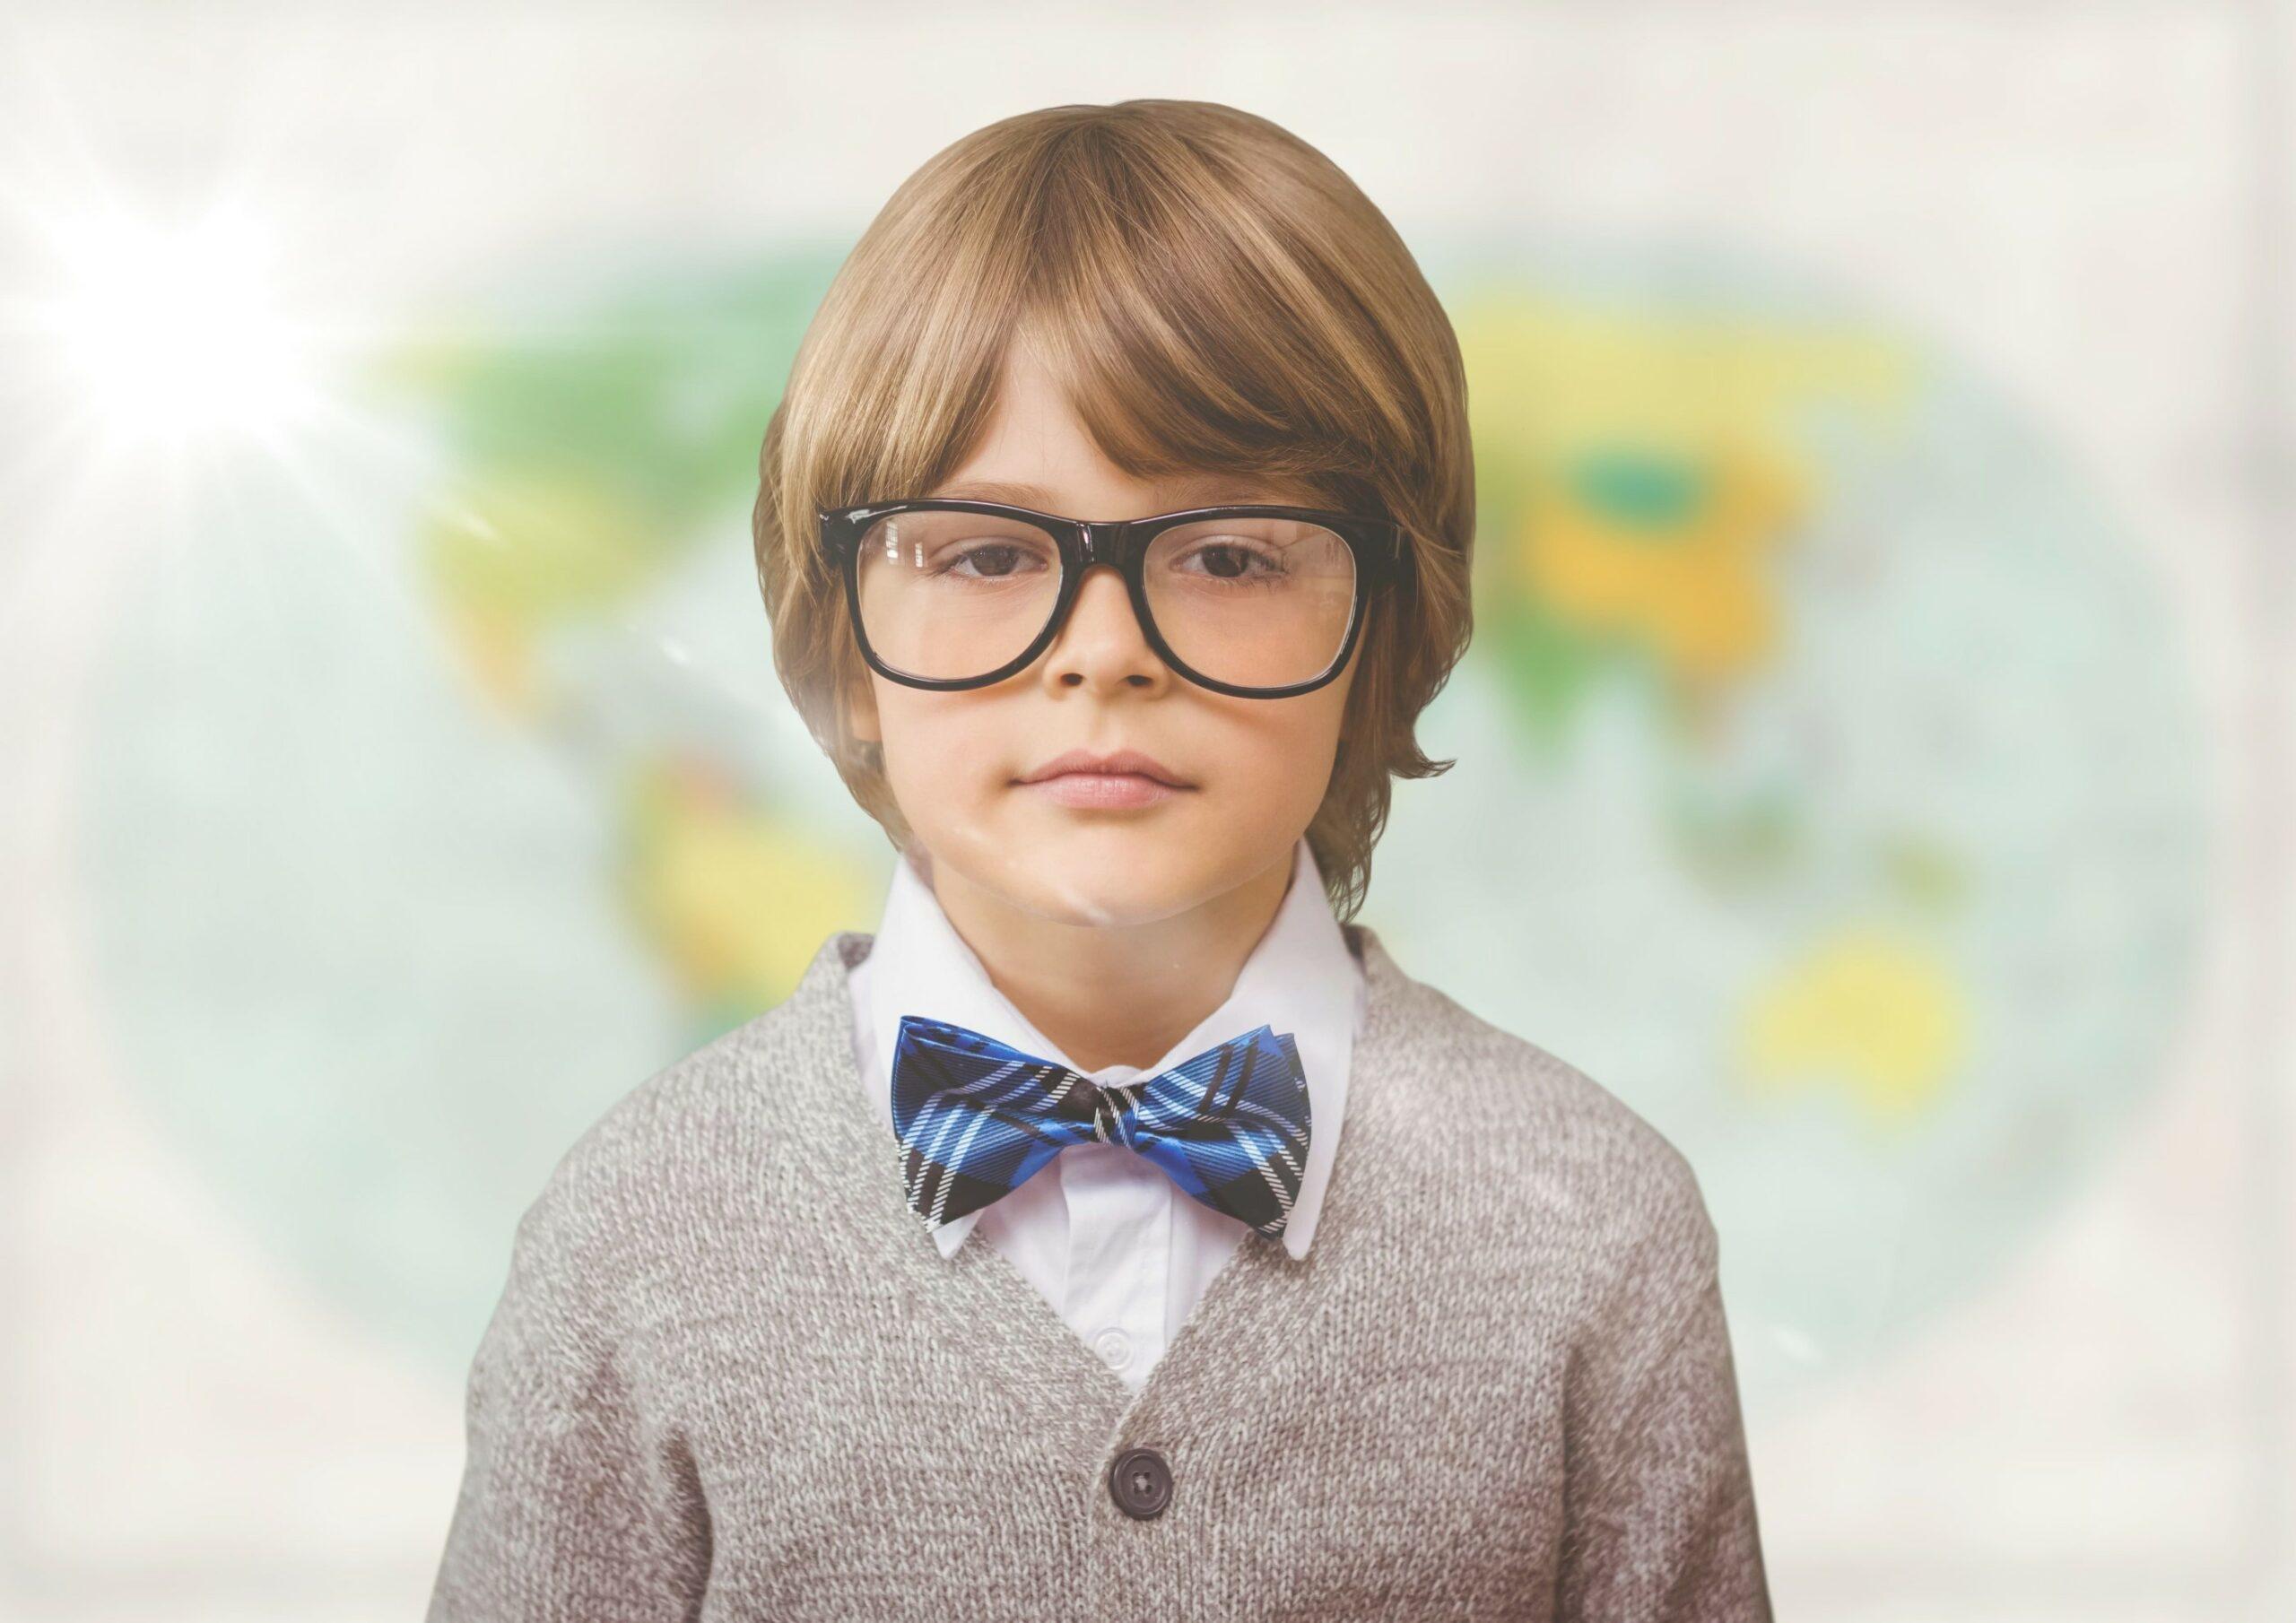 enfant intelligent devant une carte du monde